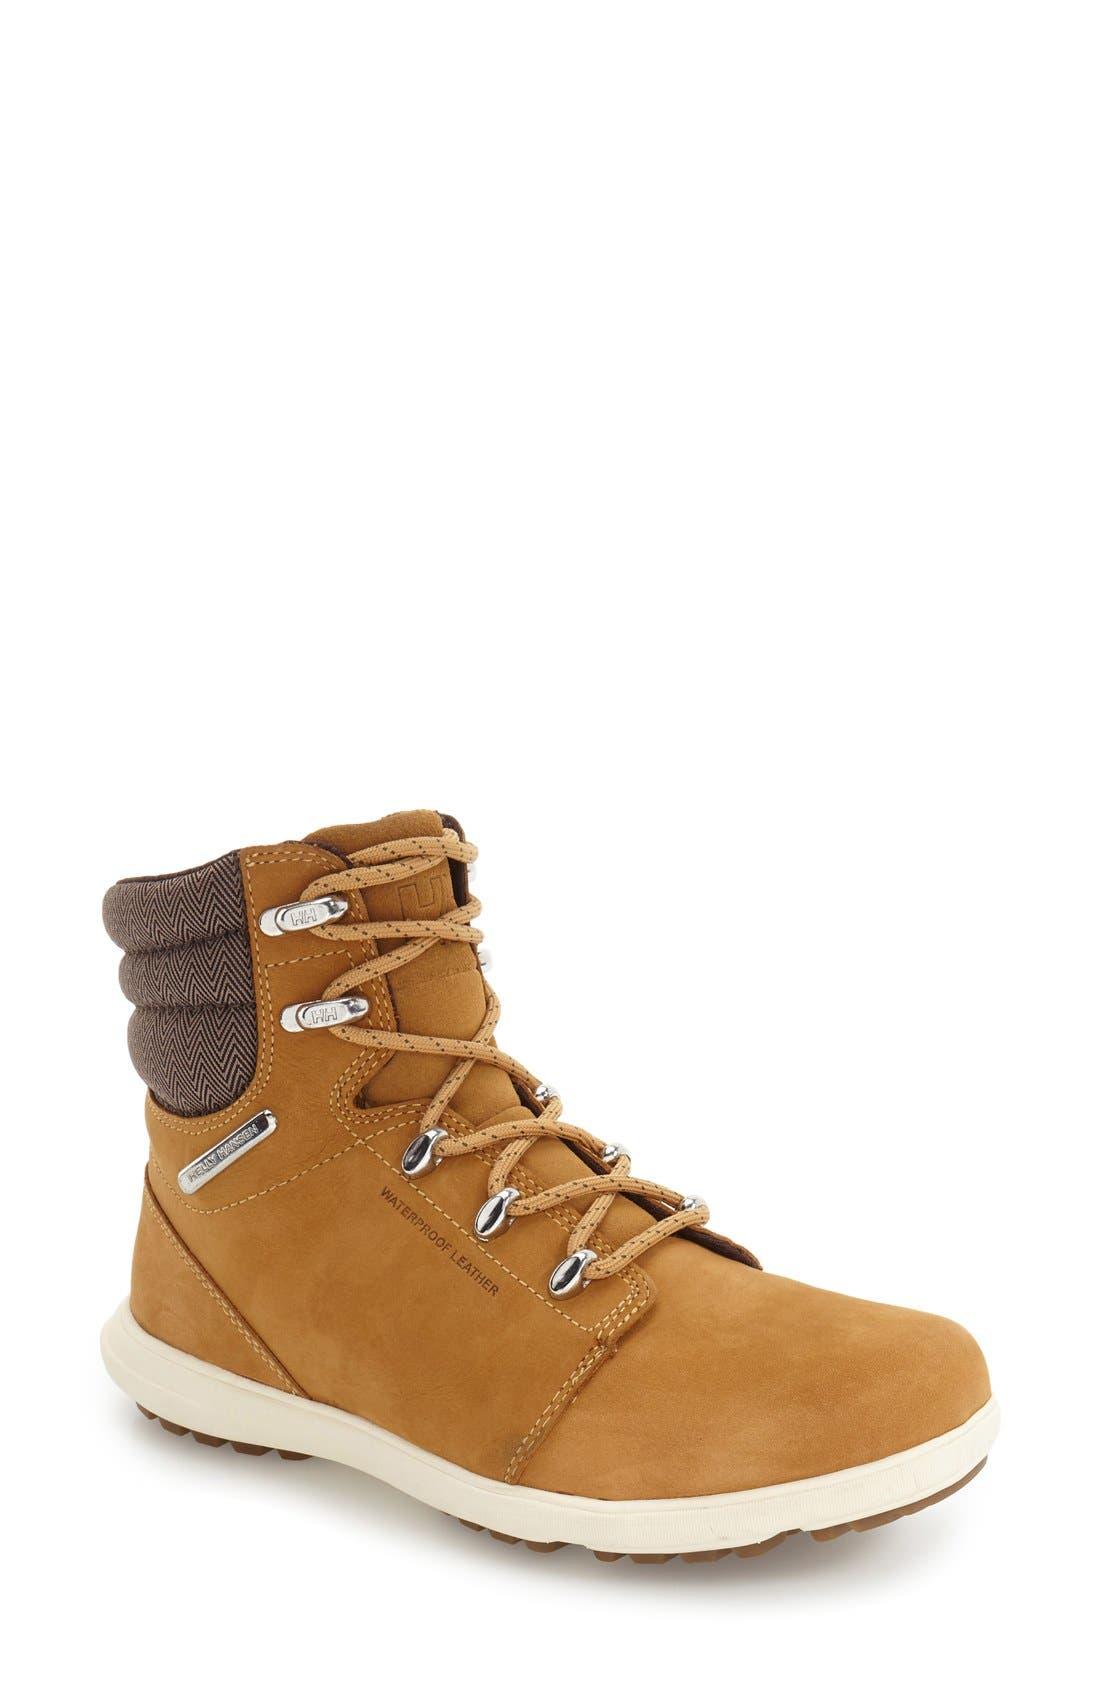 Helly Hansen 'W.A.S.T 2' Waterproof Hiker Boot (Women)